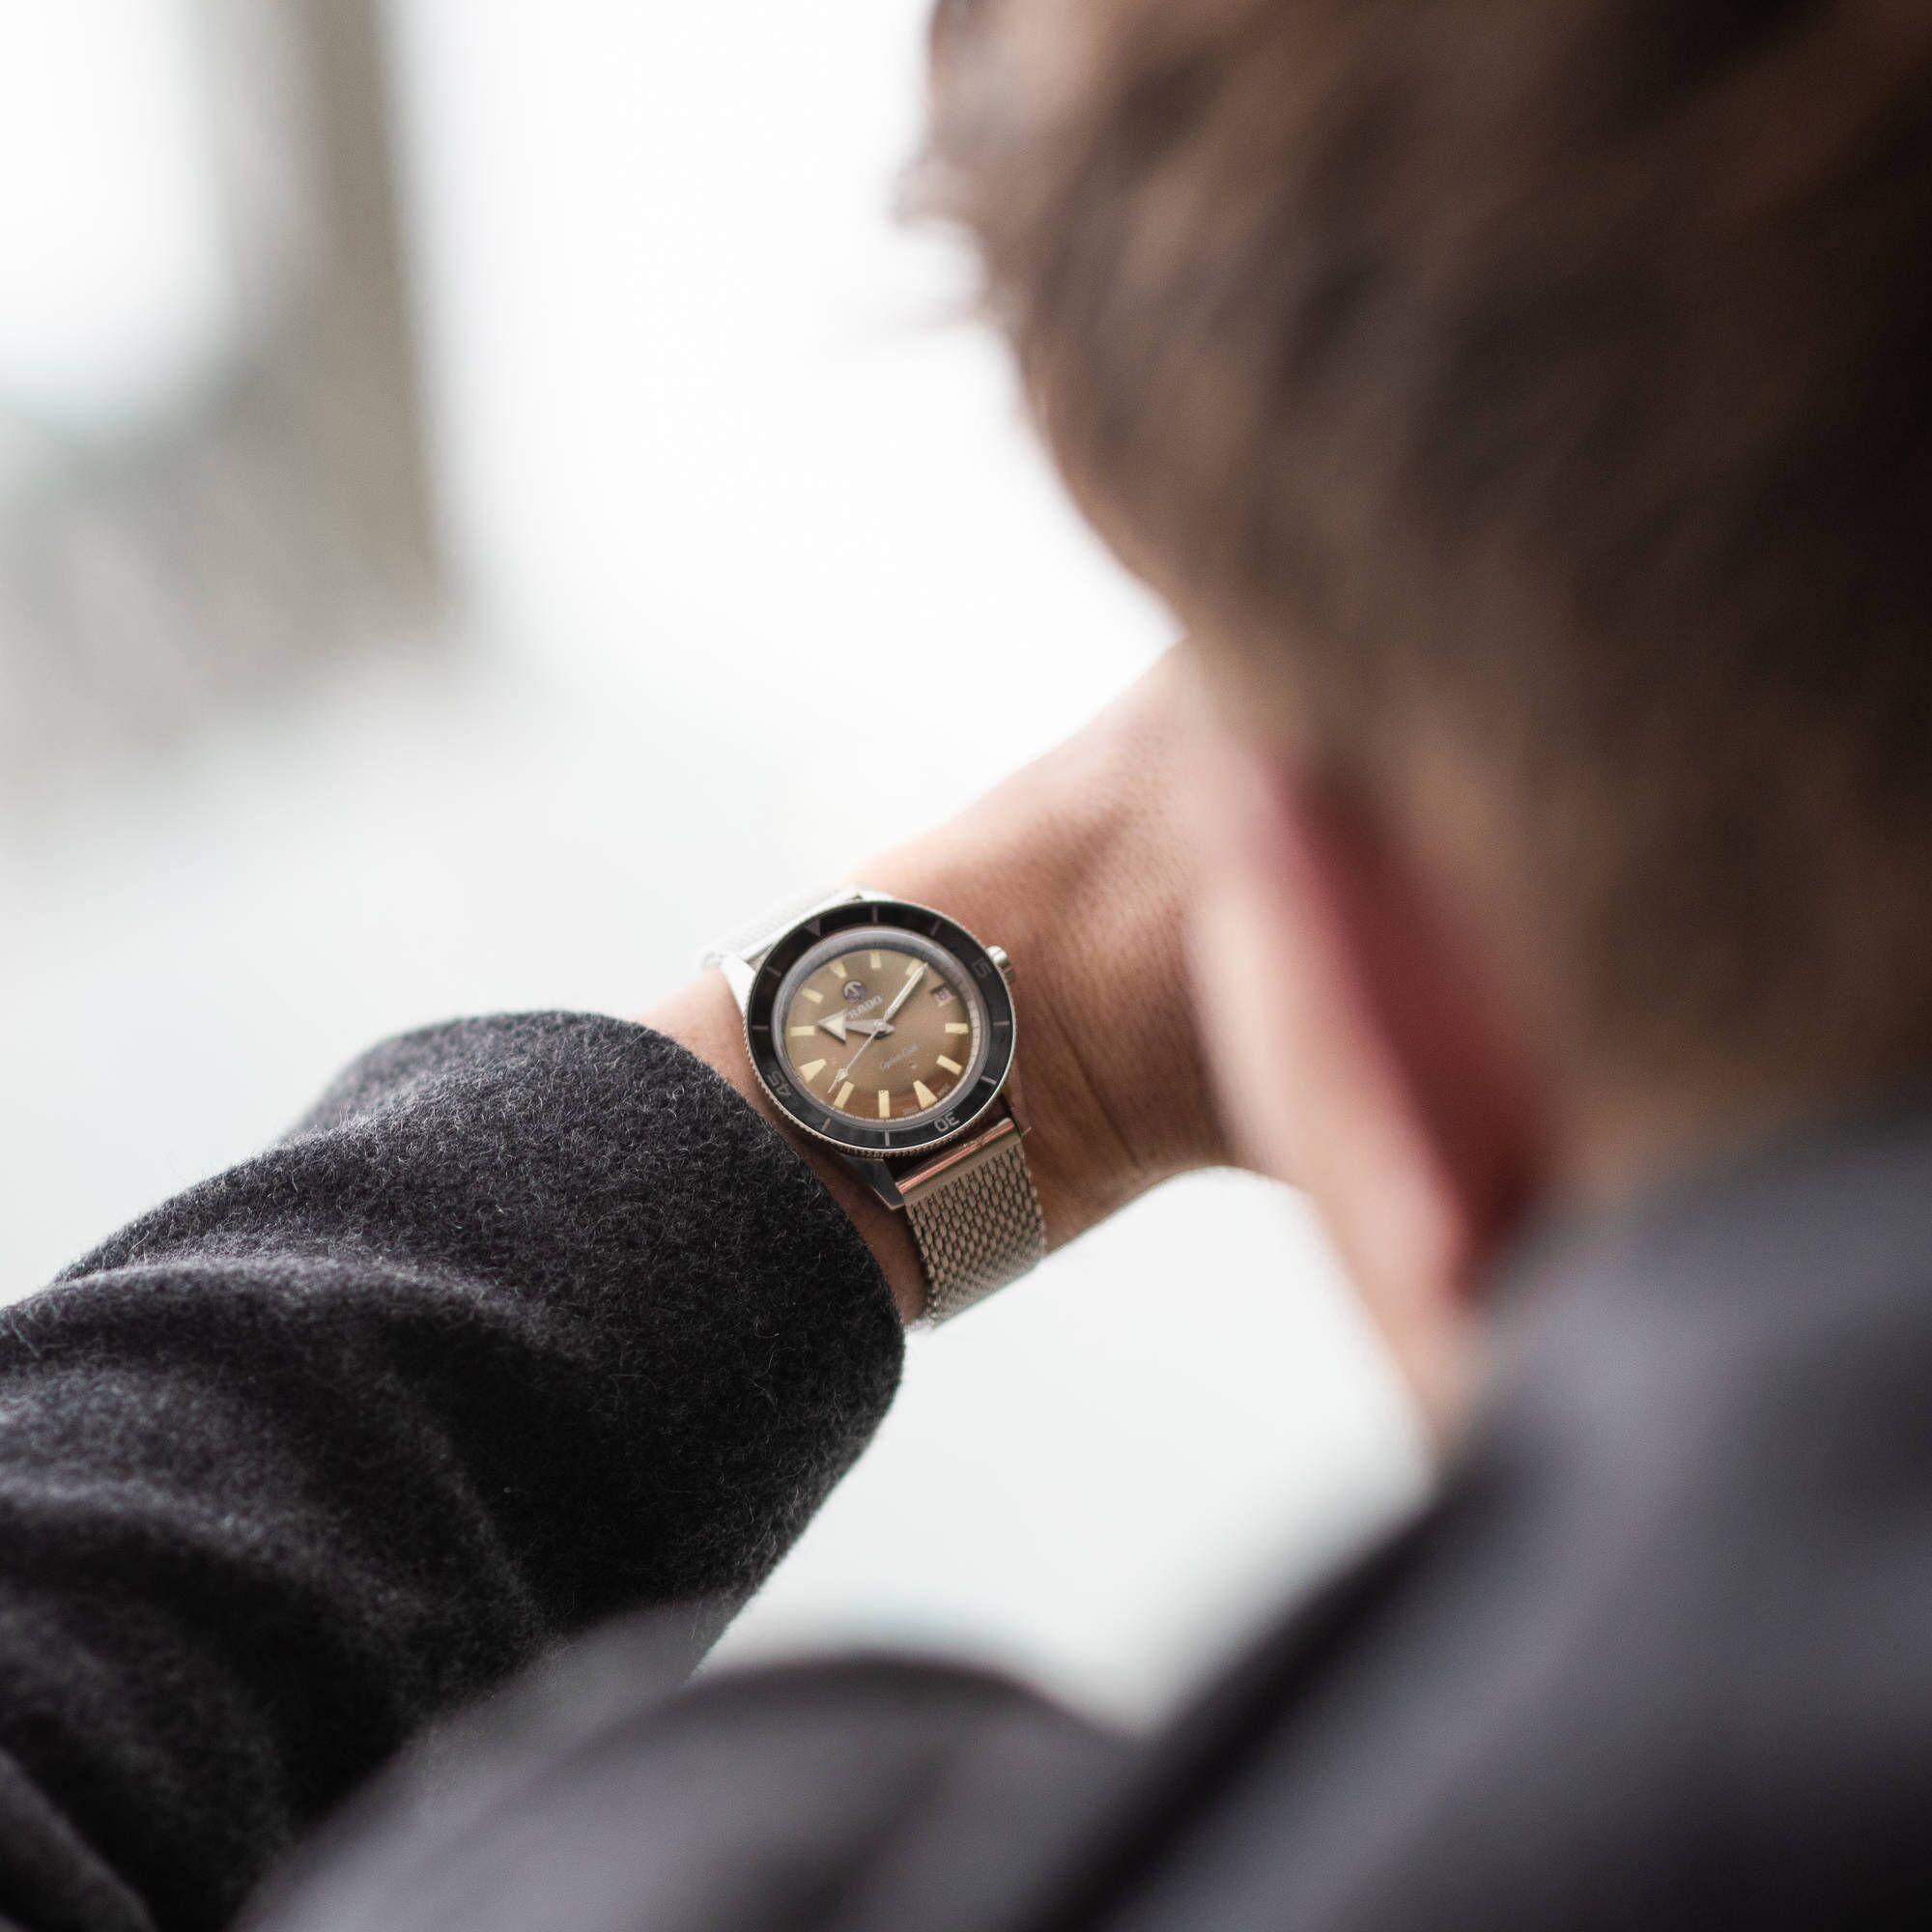 Rado выпустили новую модель часов Captain Cook | Журнал Esquire.ru